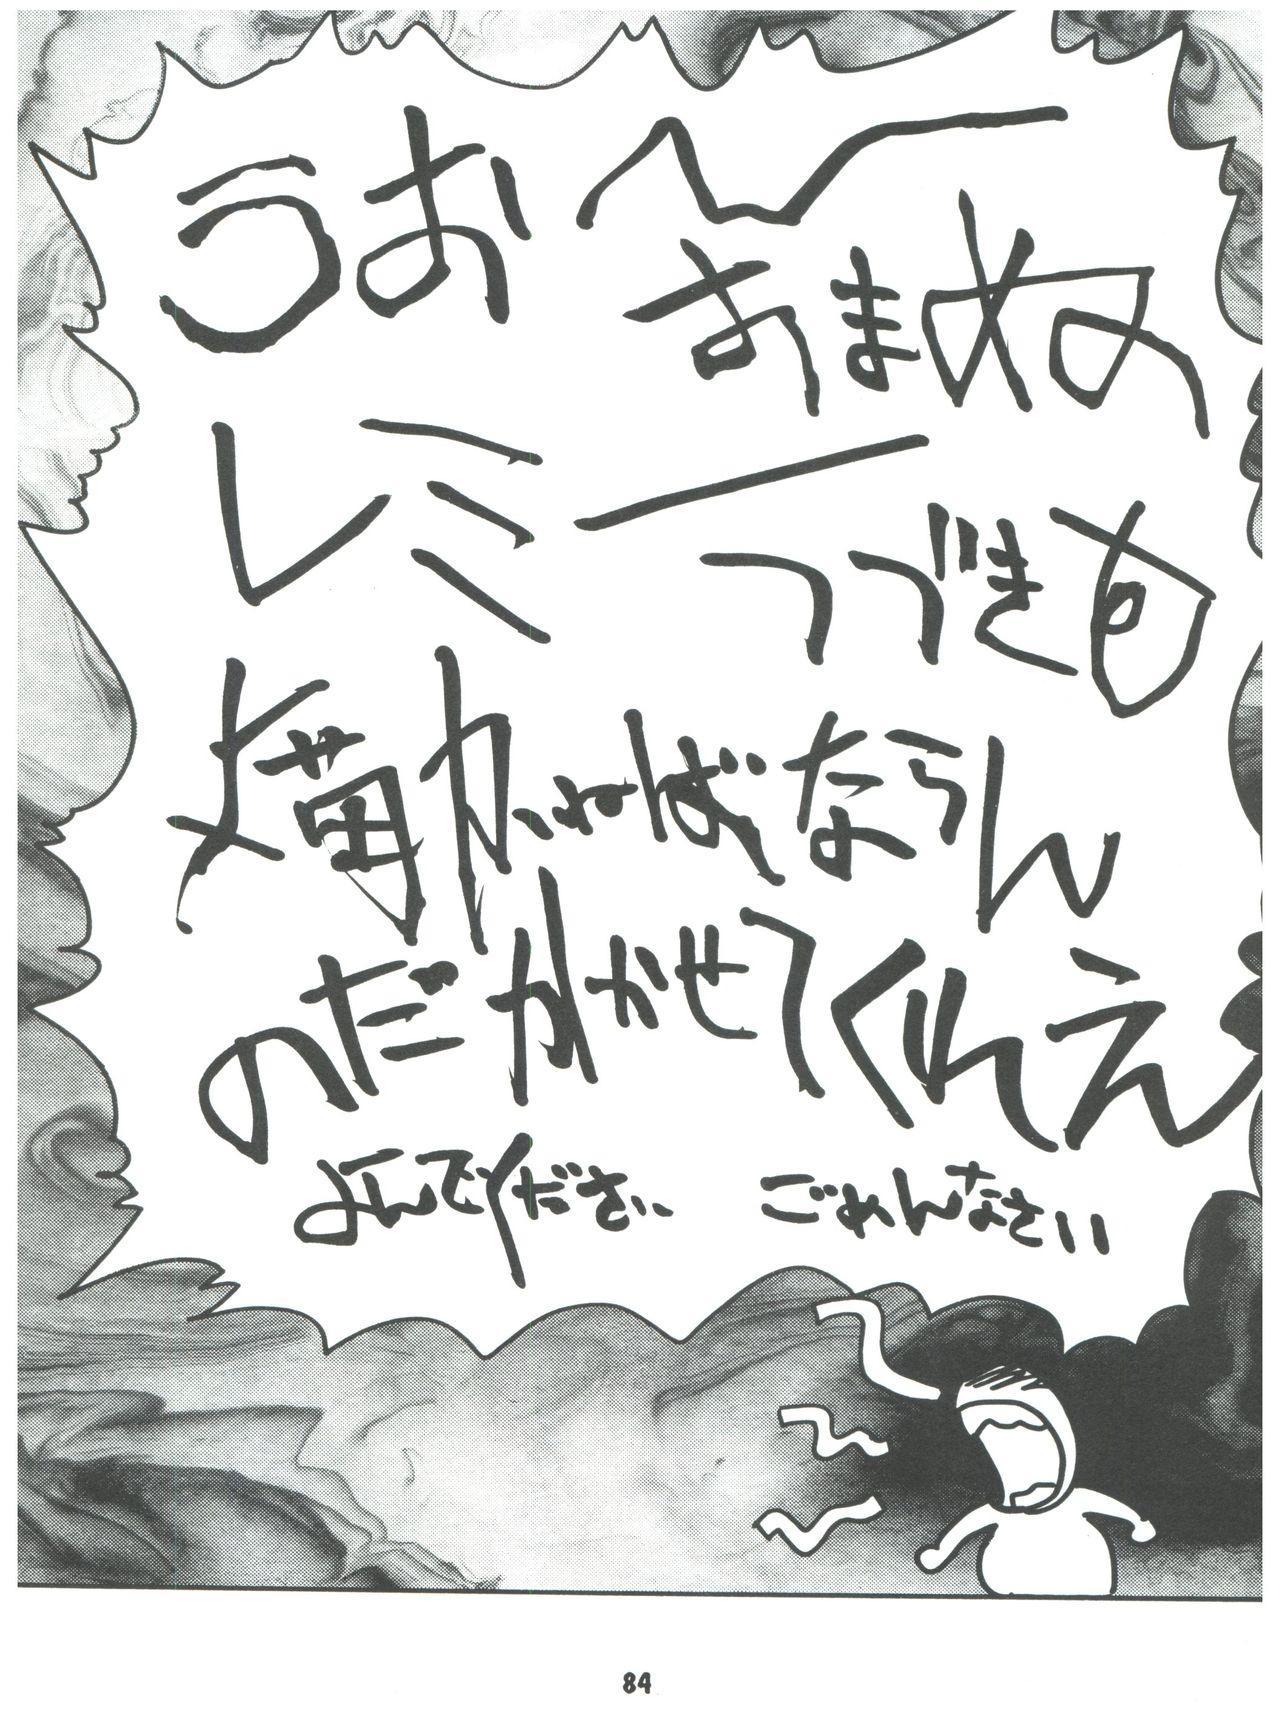 [Sairo Publishing (J. Sairo) En-Jack 2 (Various) 83